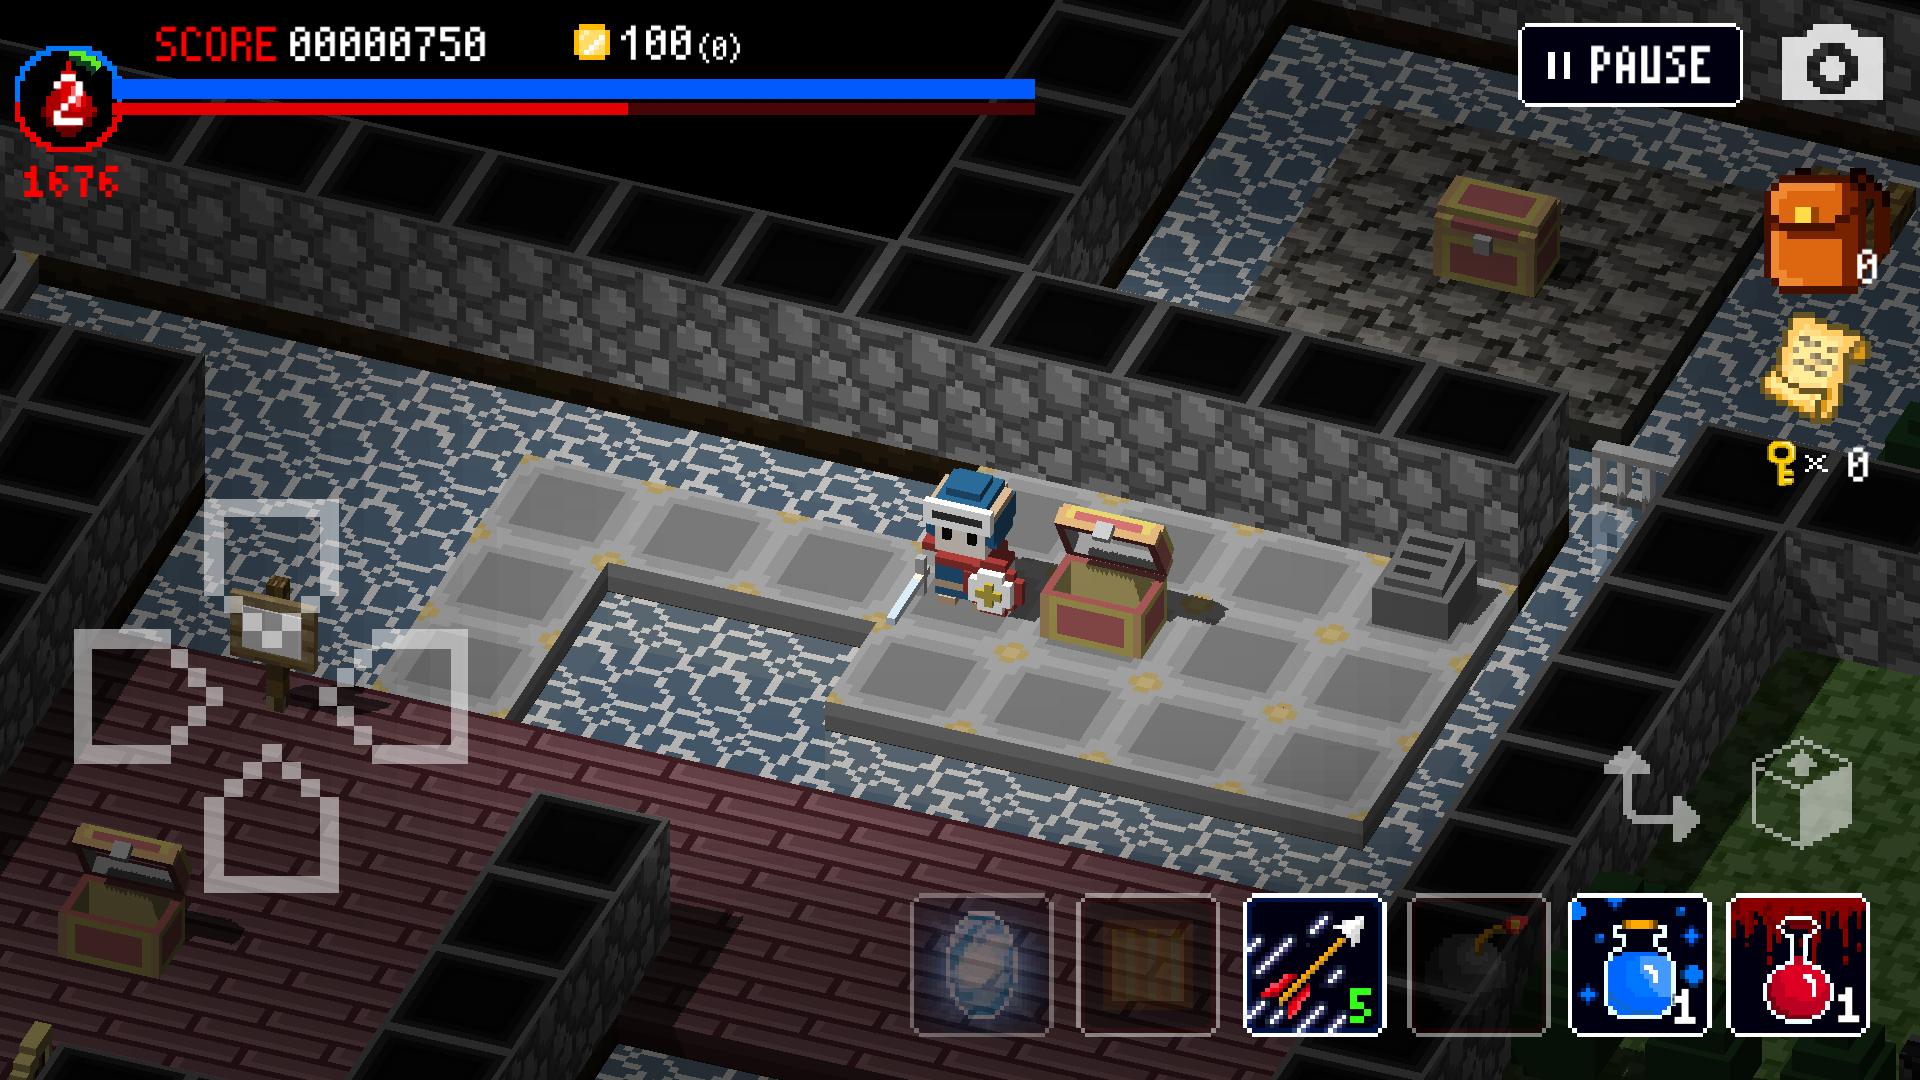 ダンジョンに立つ墓標(Dungeon of Gravestone) androidアプリスクリーンショット2